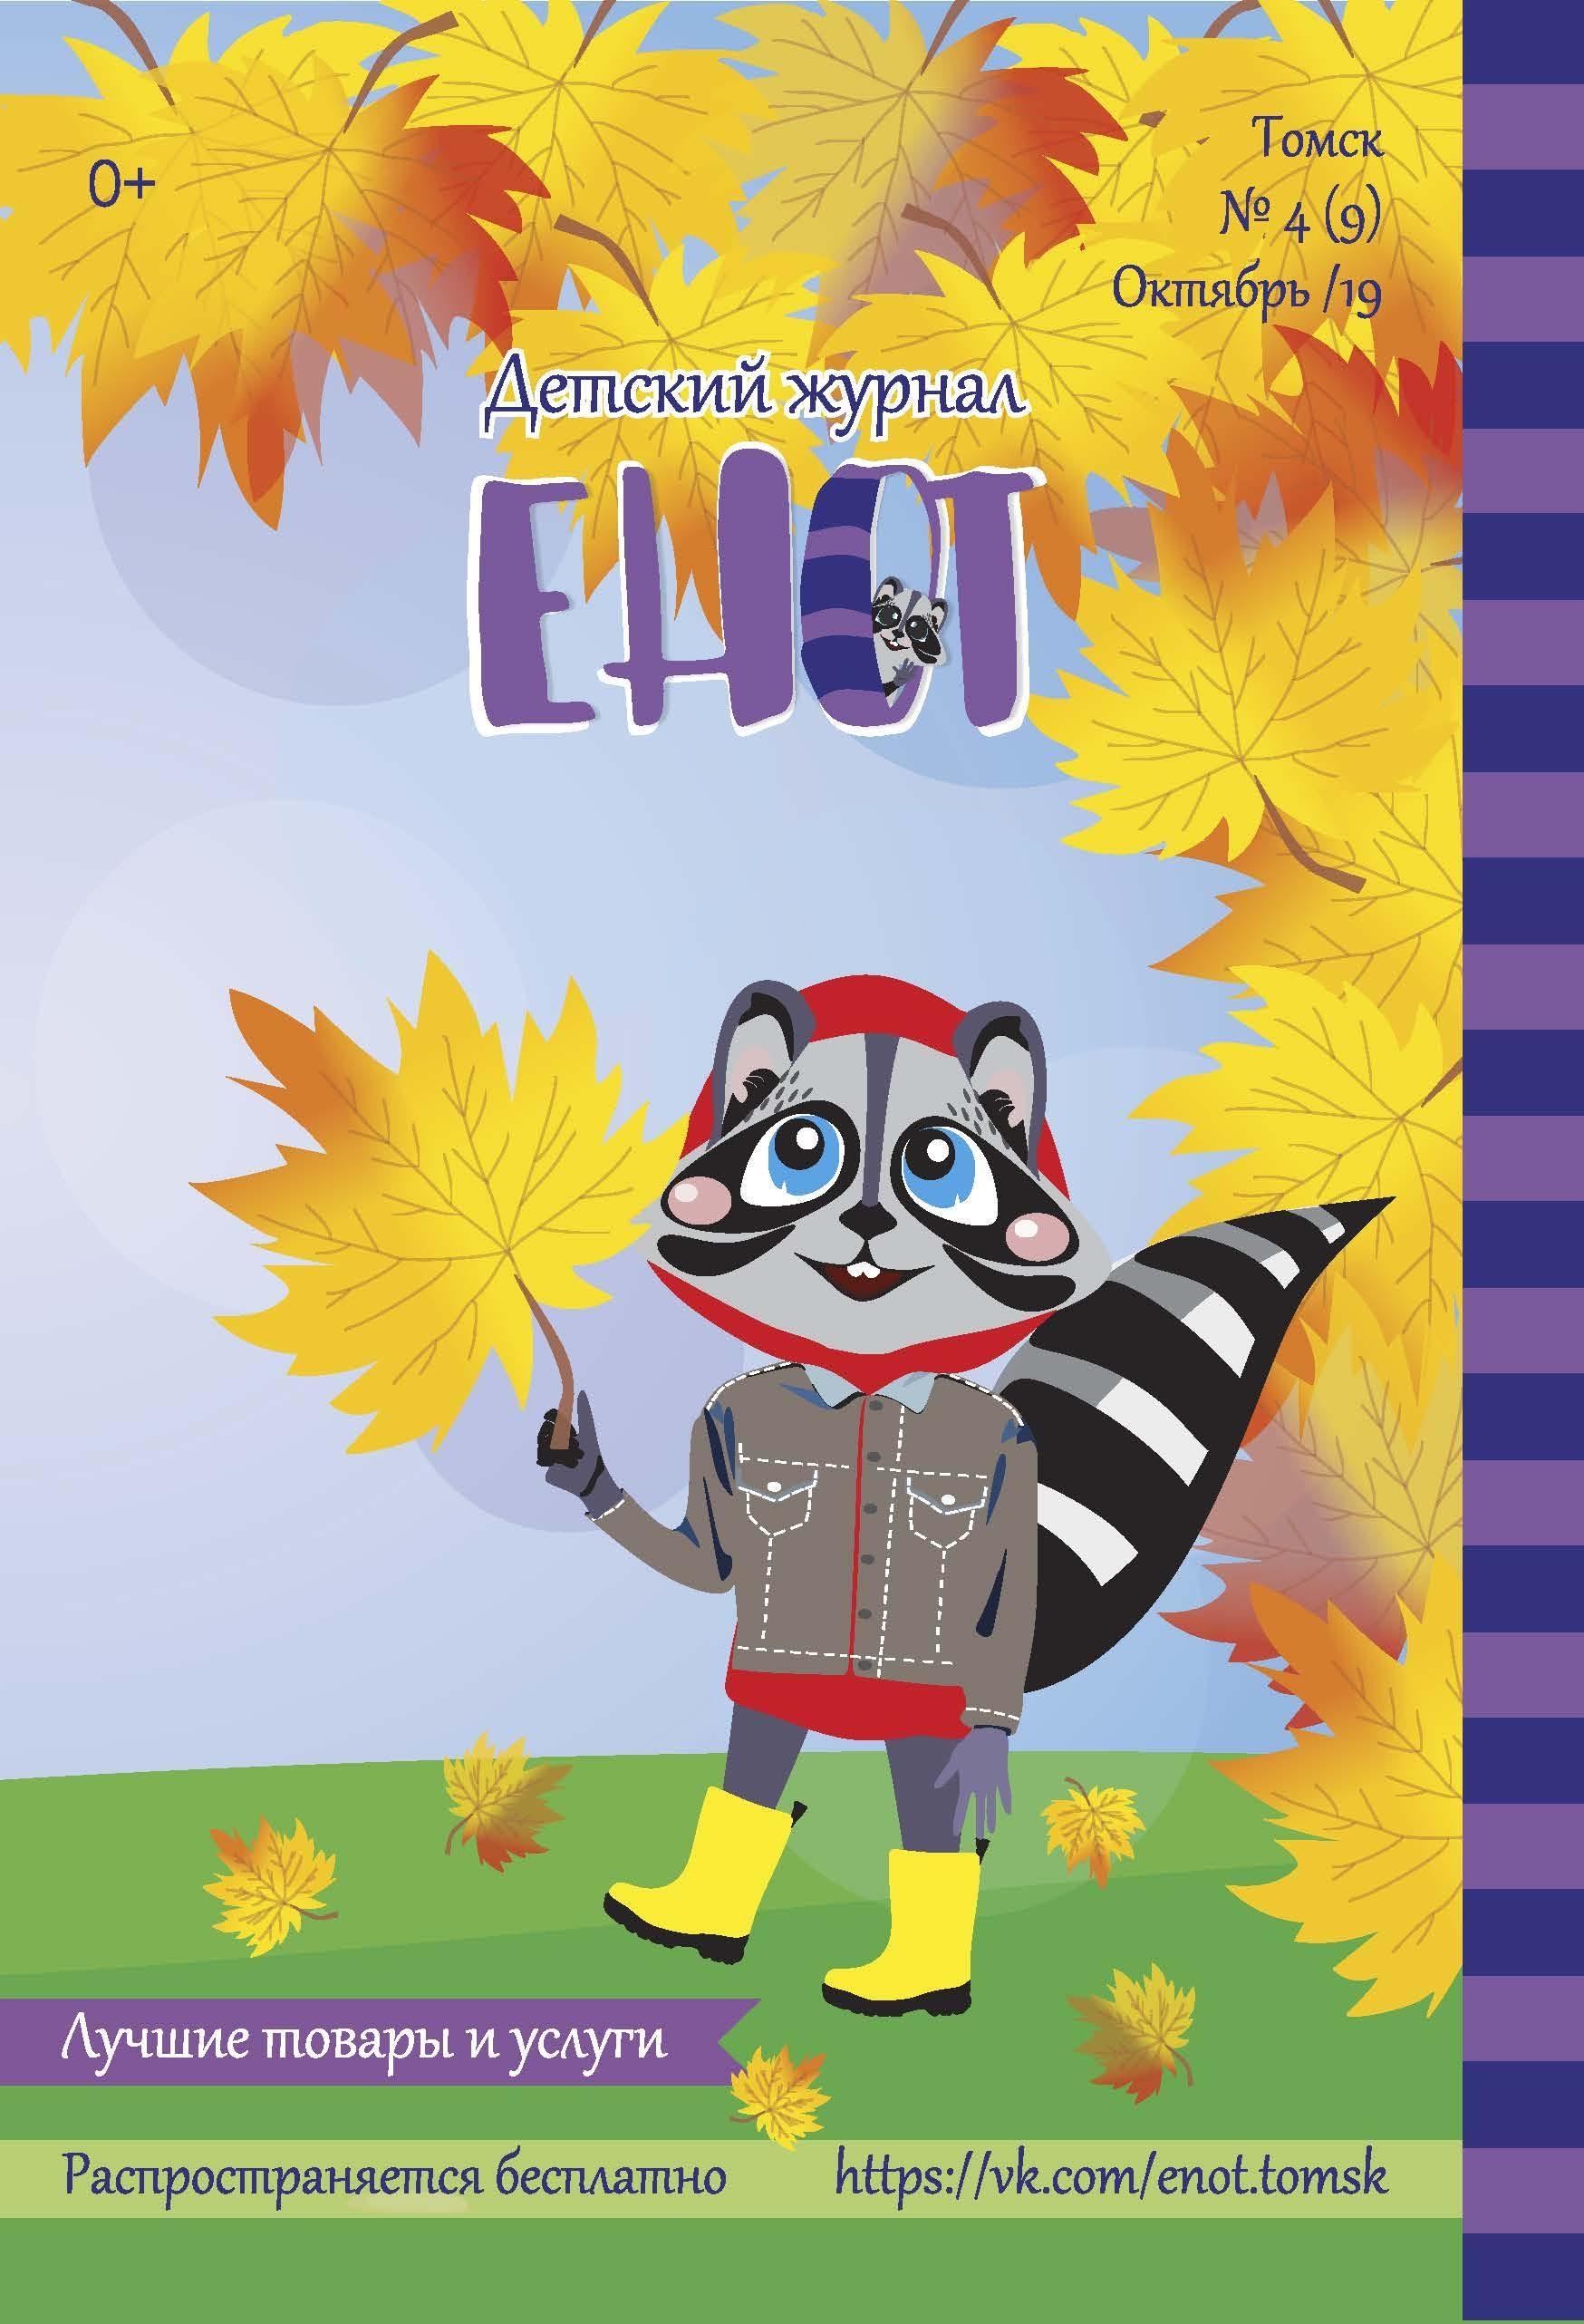 Детский журнал Енот - 2019.10 Страница 01